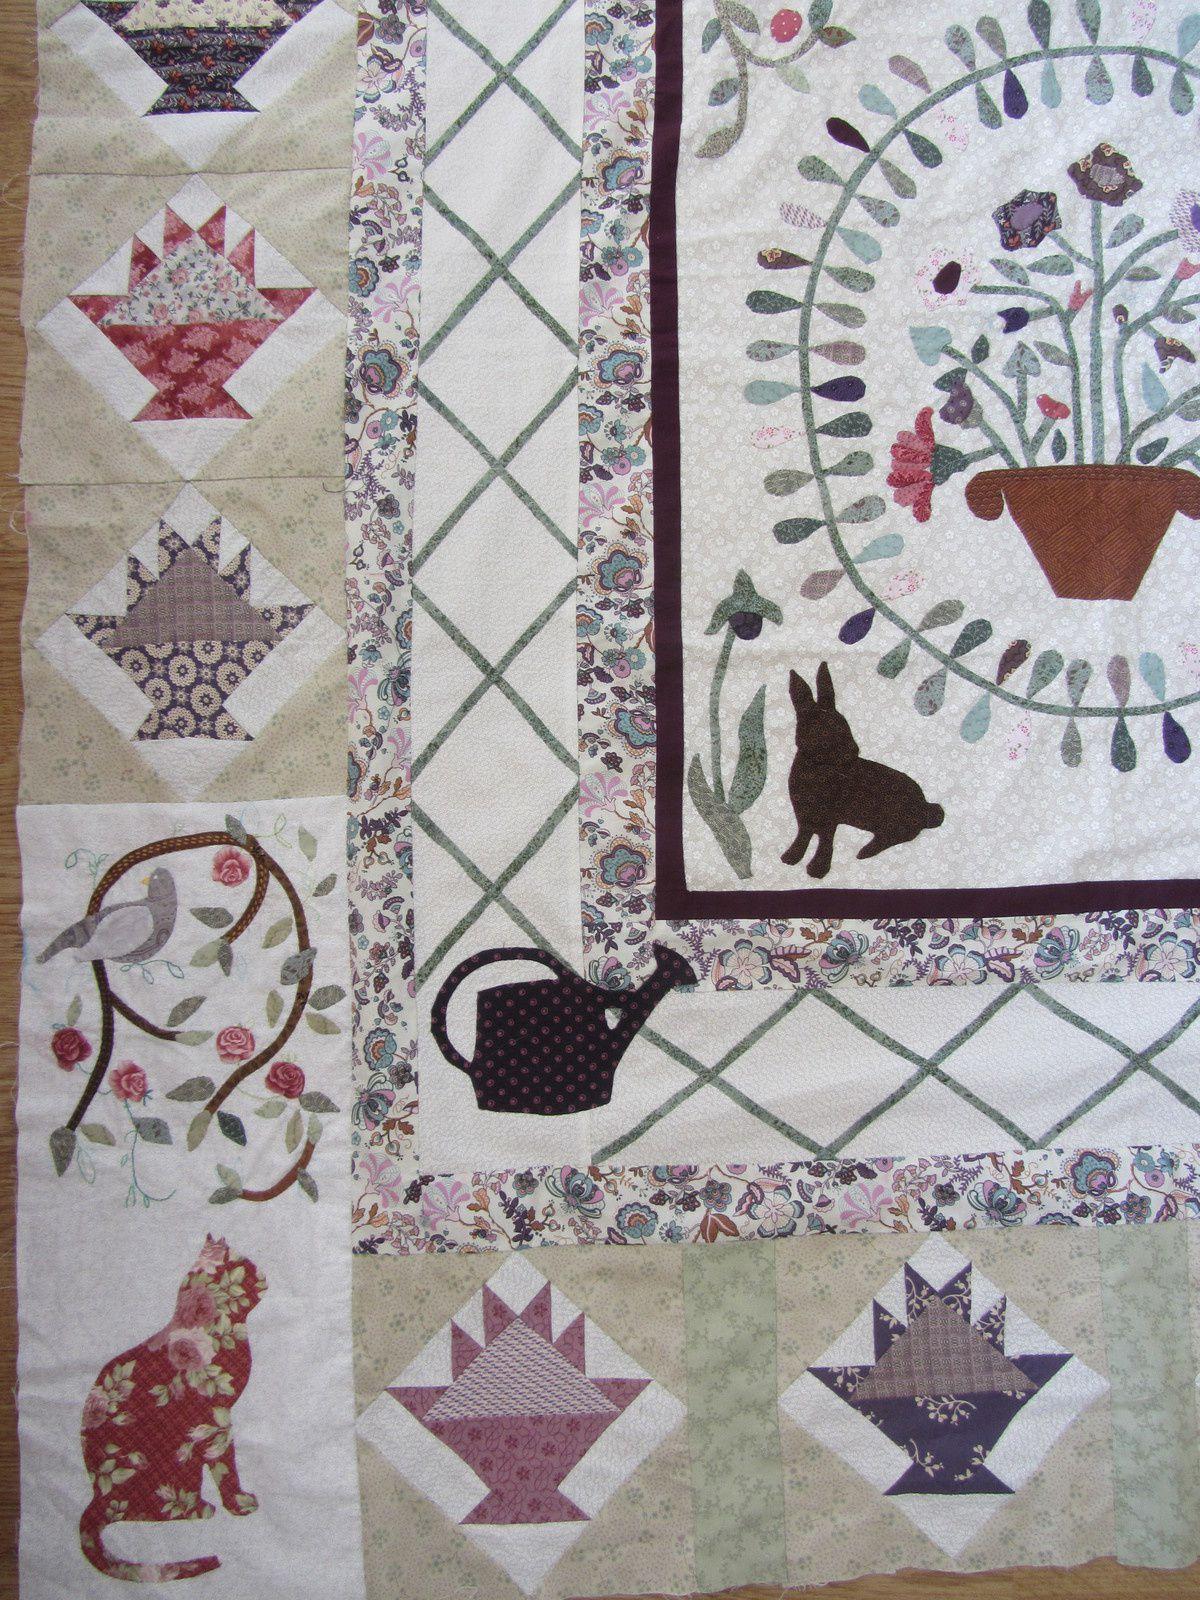 C'est le tissu liberty des bordures (trouvé en Egypte) qui a déterminé les couleurs de l'ensemble.